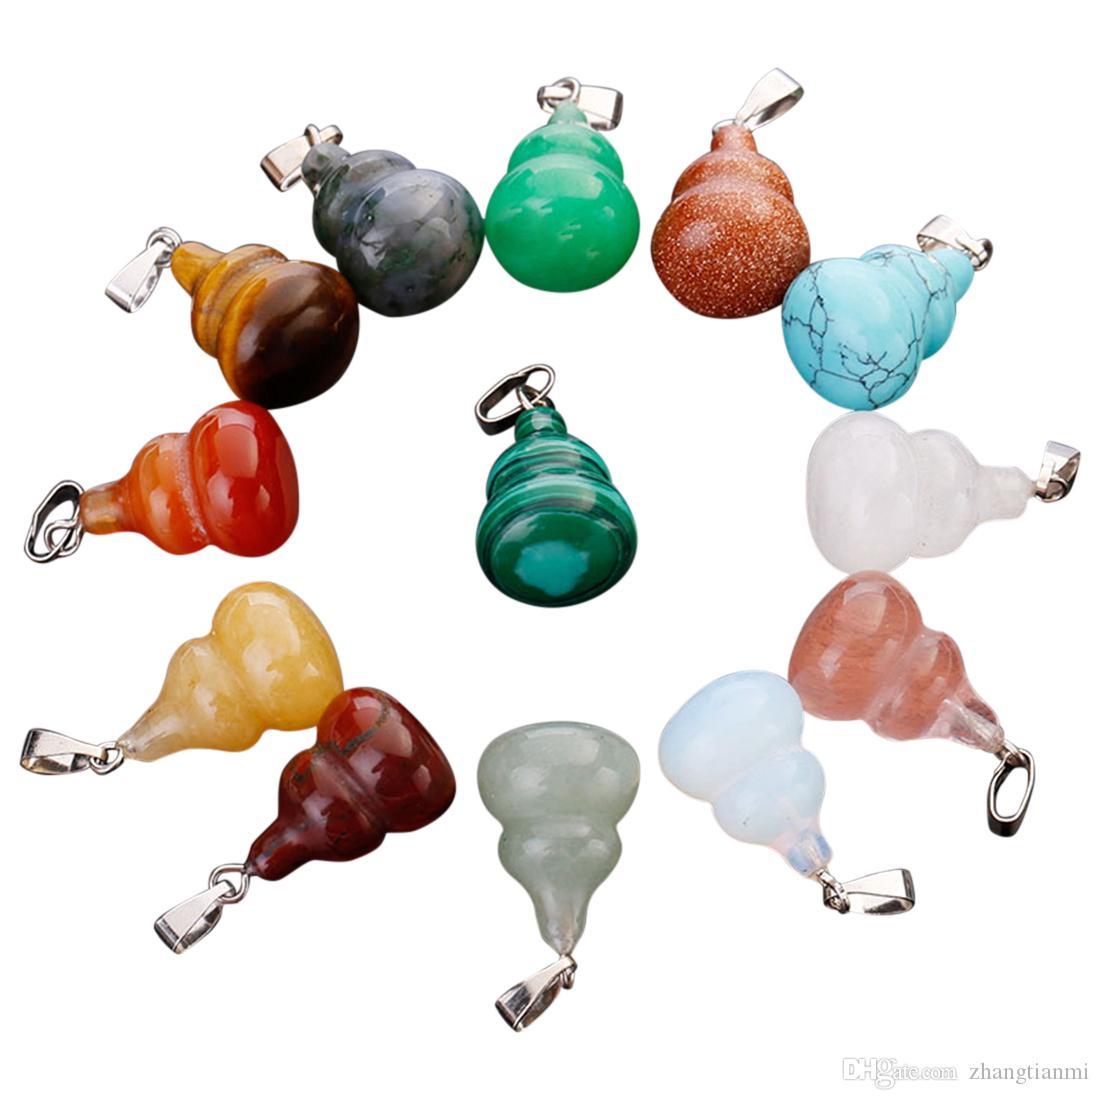 Moda libre y joyería hecha a mano de piedra en forma de calabaza collar colgante de cristal collar de cuentas colgante diy accesorios de joyería que hacen regalos de vacaciones